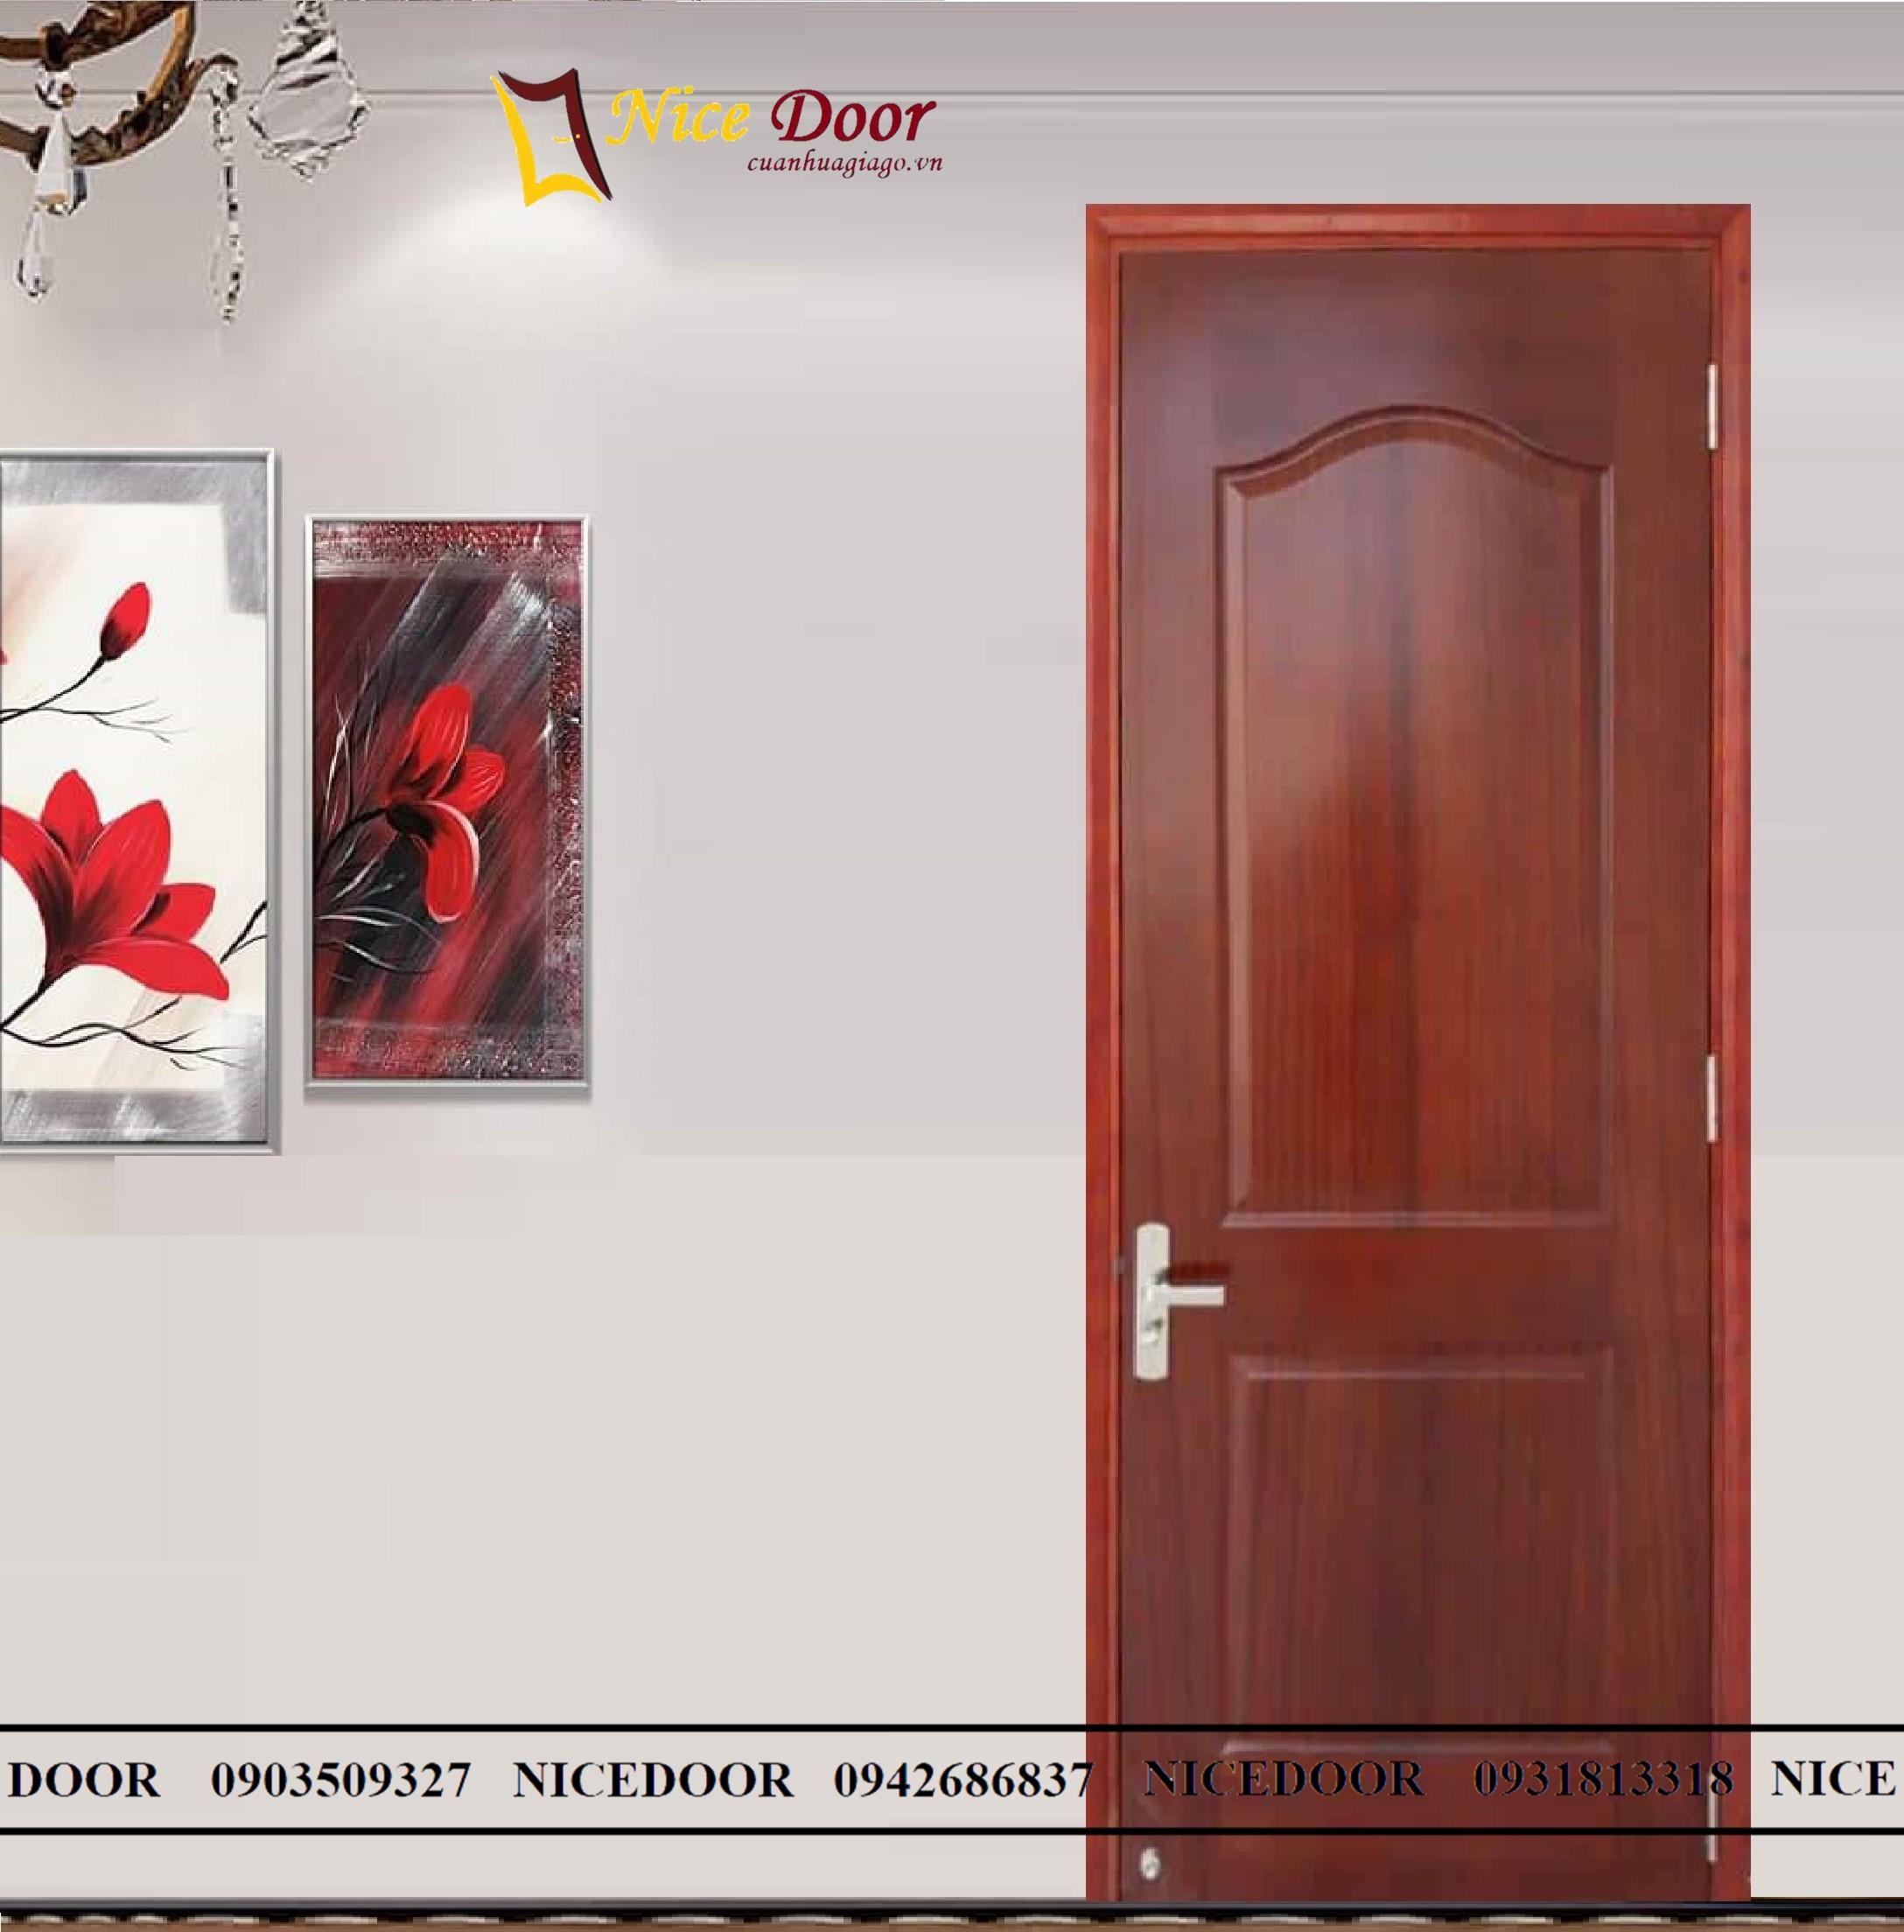 cửa-gỗ-công-nghiệp-hdf-veneer-2A-Căm-xe